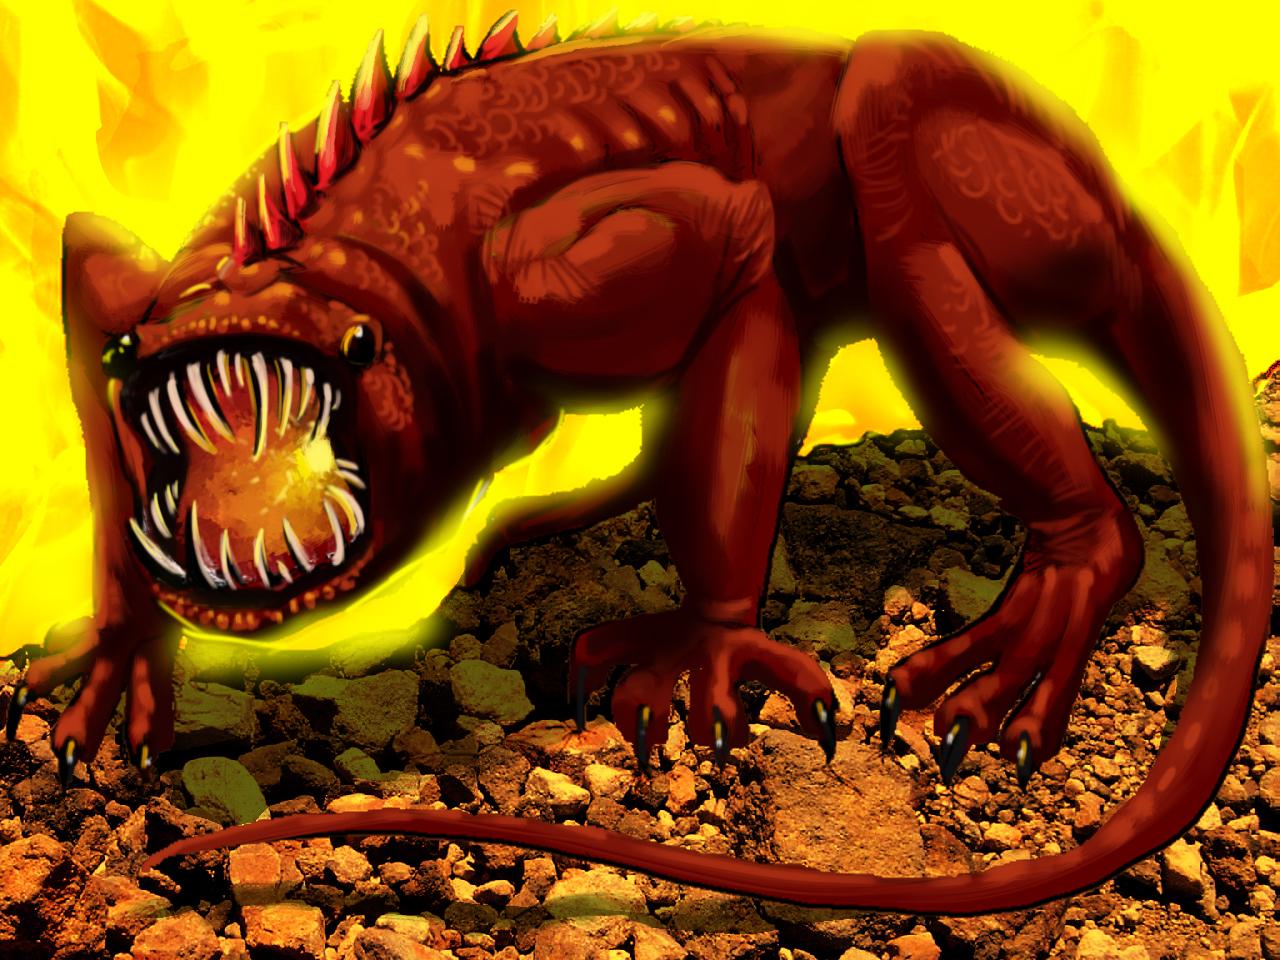 I Am Legend Monsters Sleeping Homicidal Fire Monster...